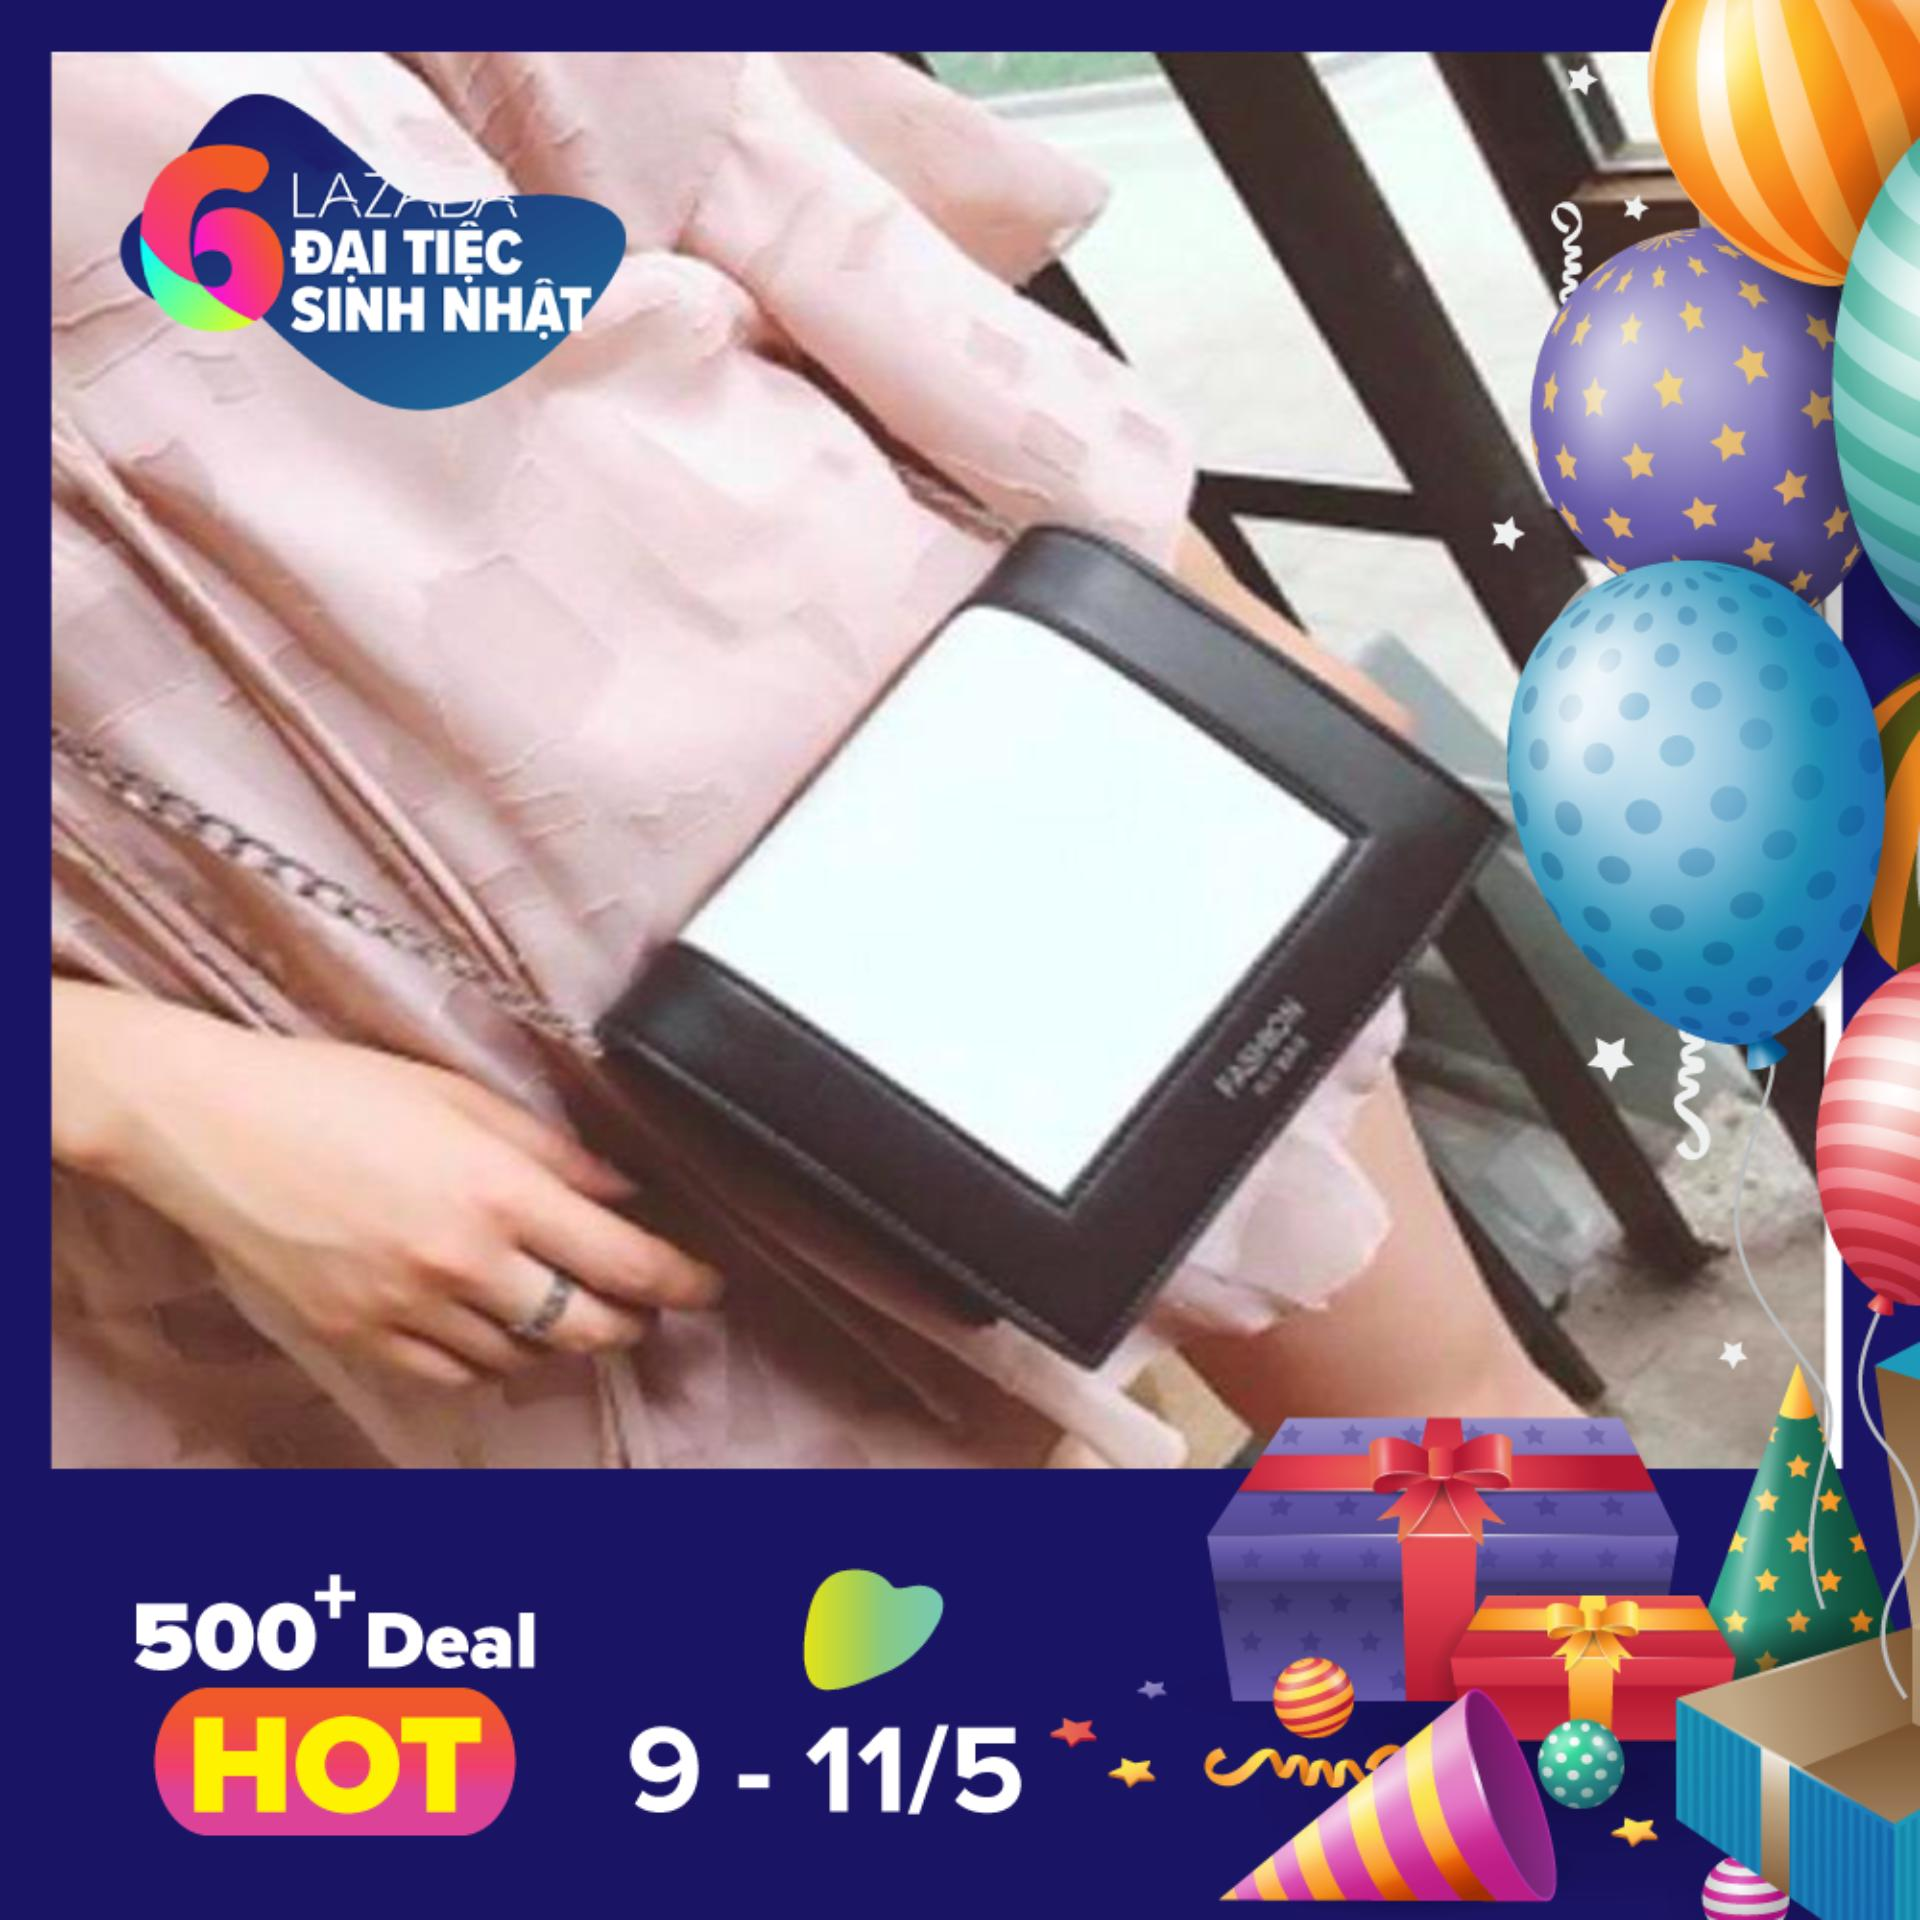 Tui Linh Chi Hc Bag Chiết Khấu Nam Định